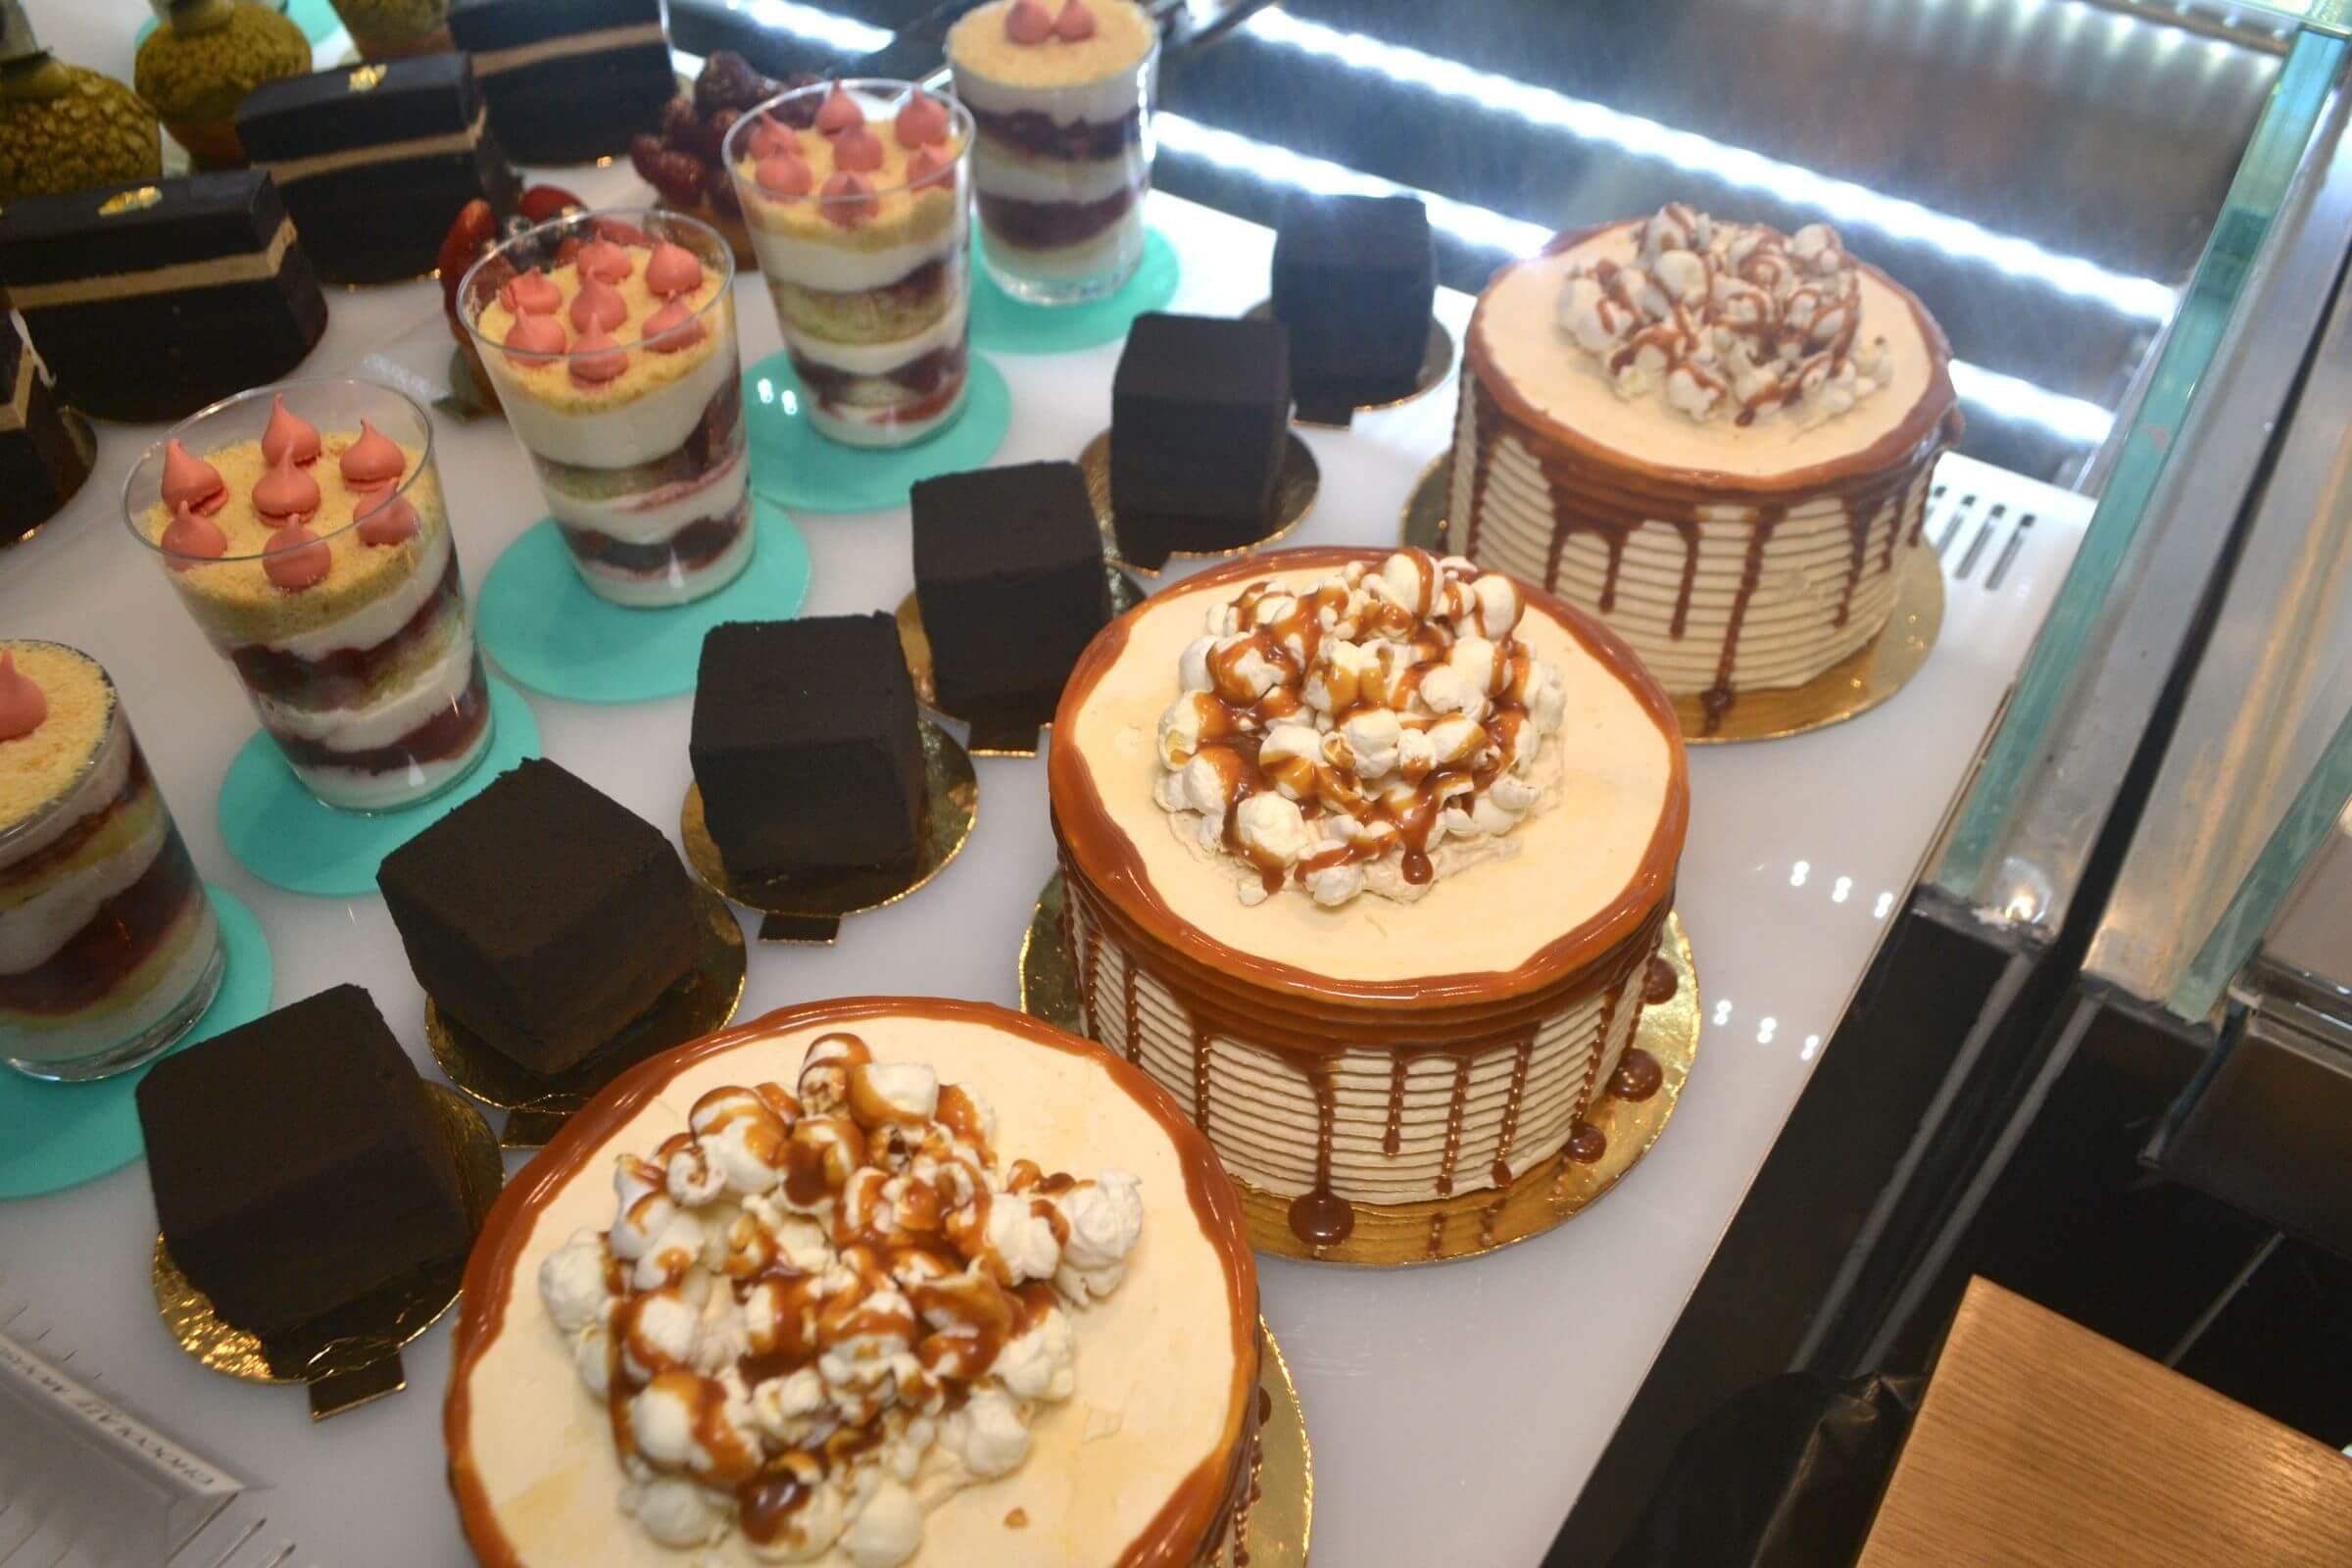 Weitere Beispiele seiner schmackhaften Schokoladen-Architektur (Bild © qns.com)